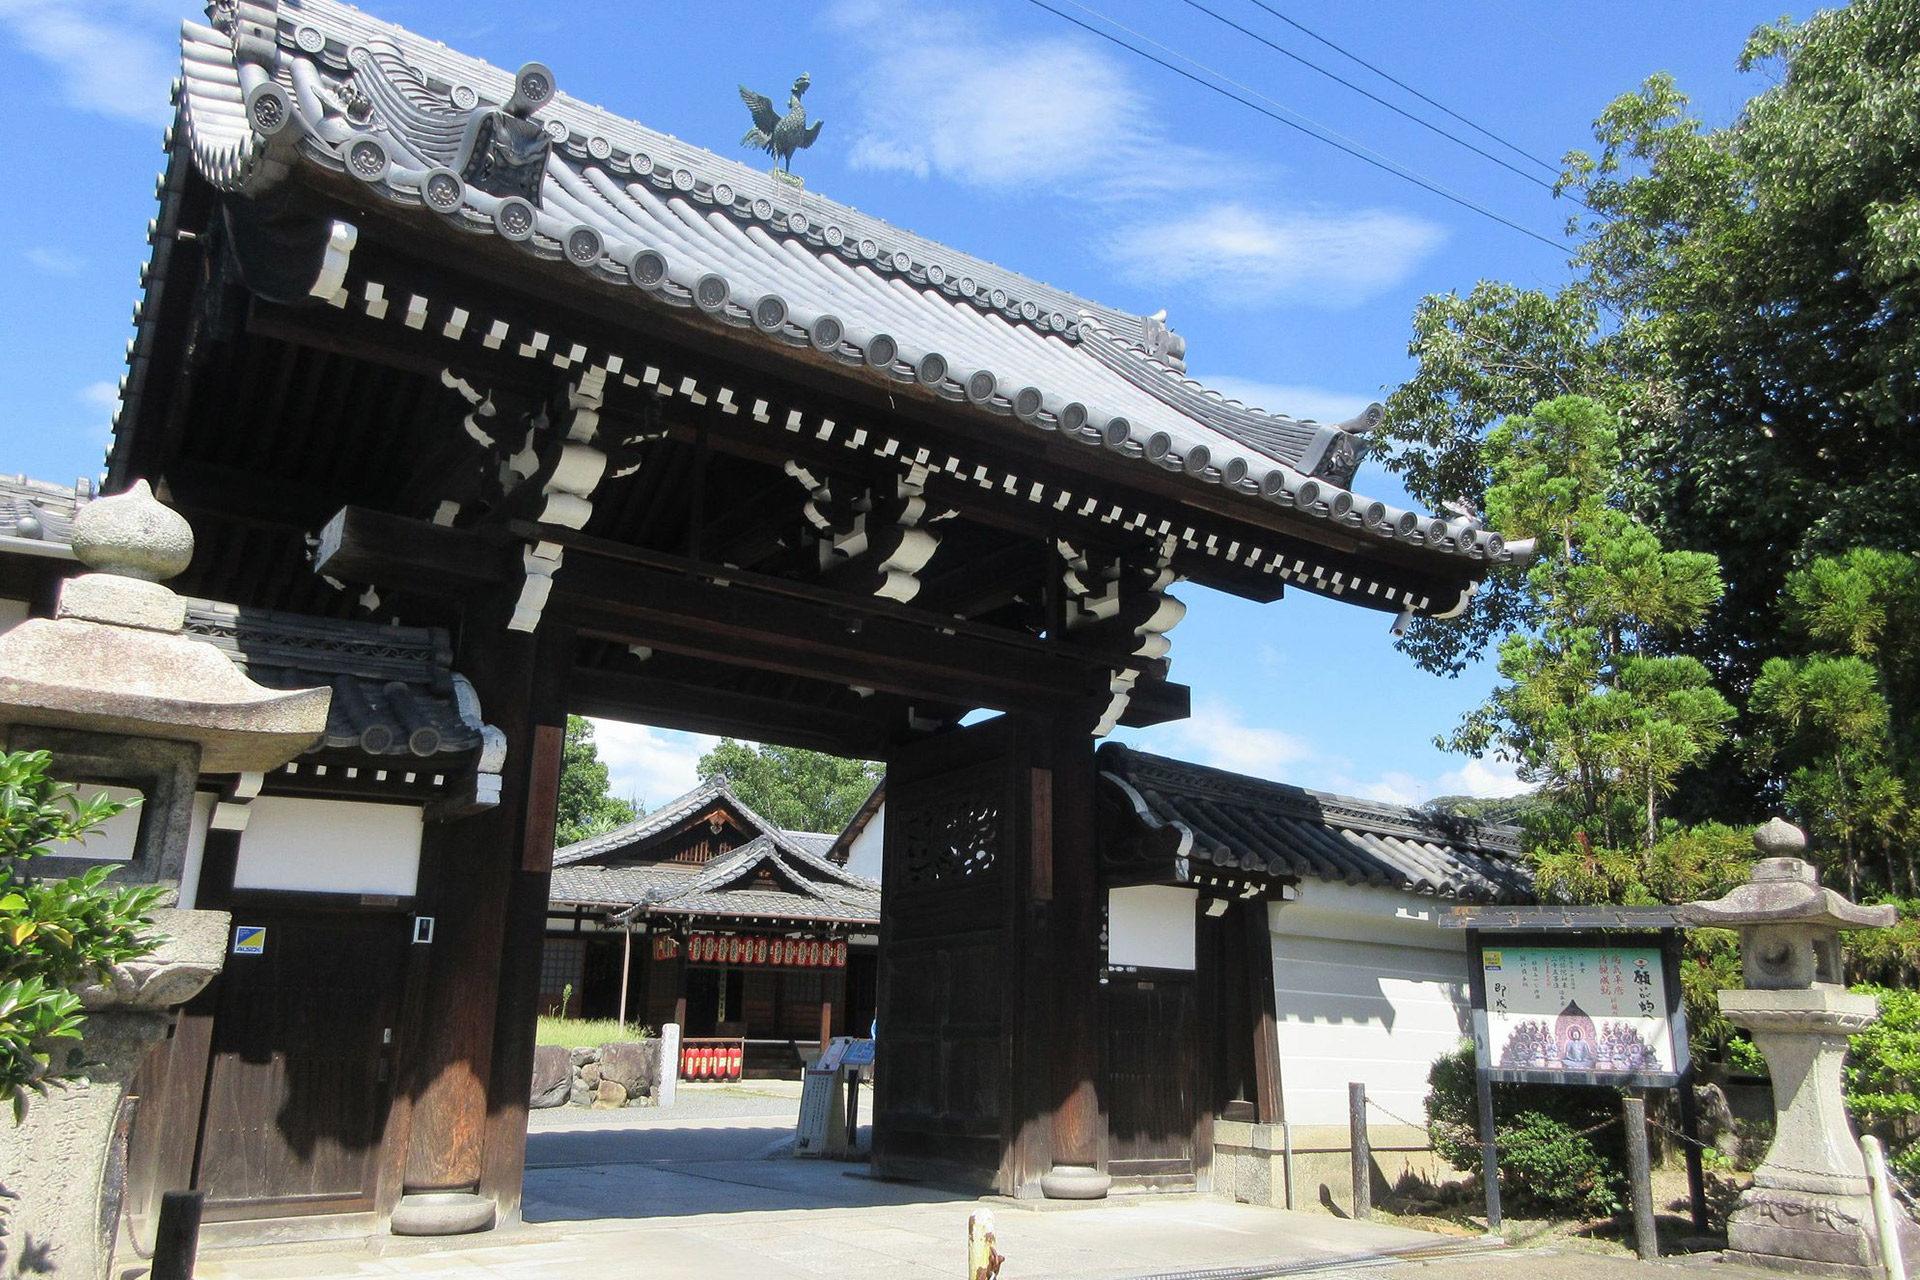 京都  櫻花  禦朱印